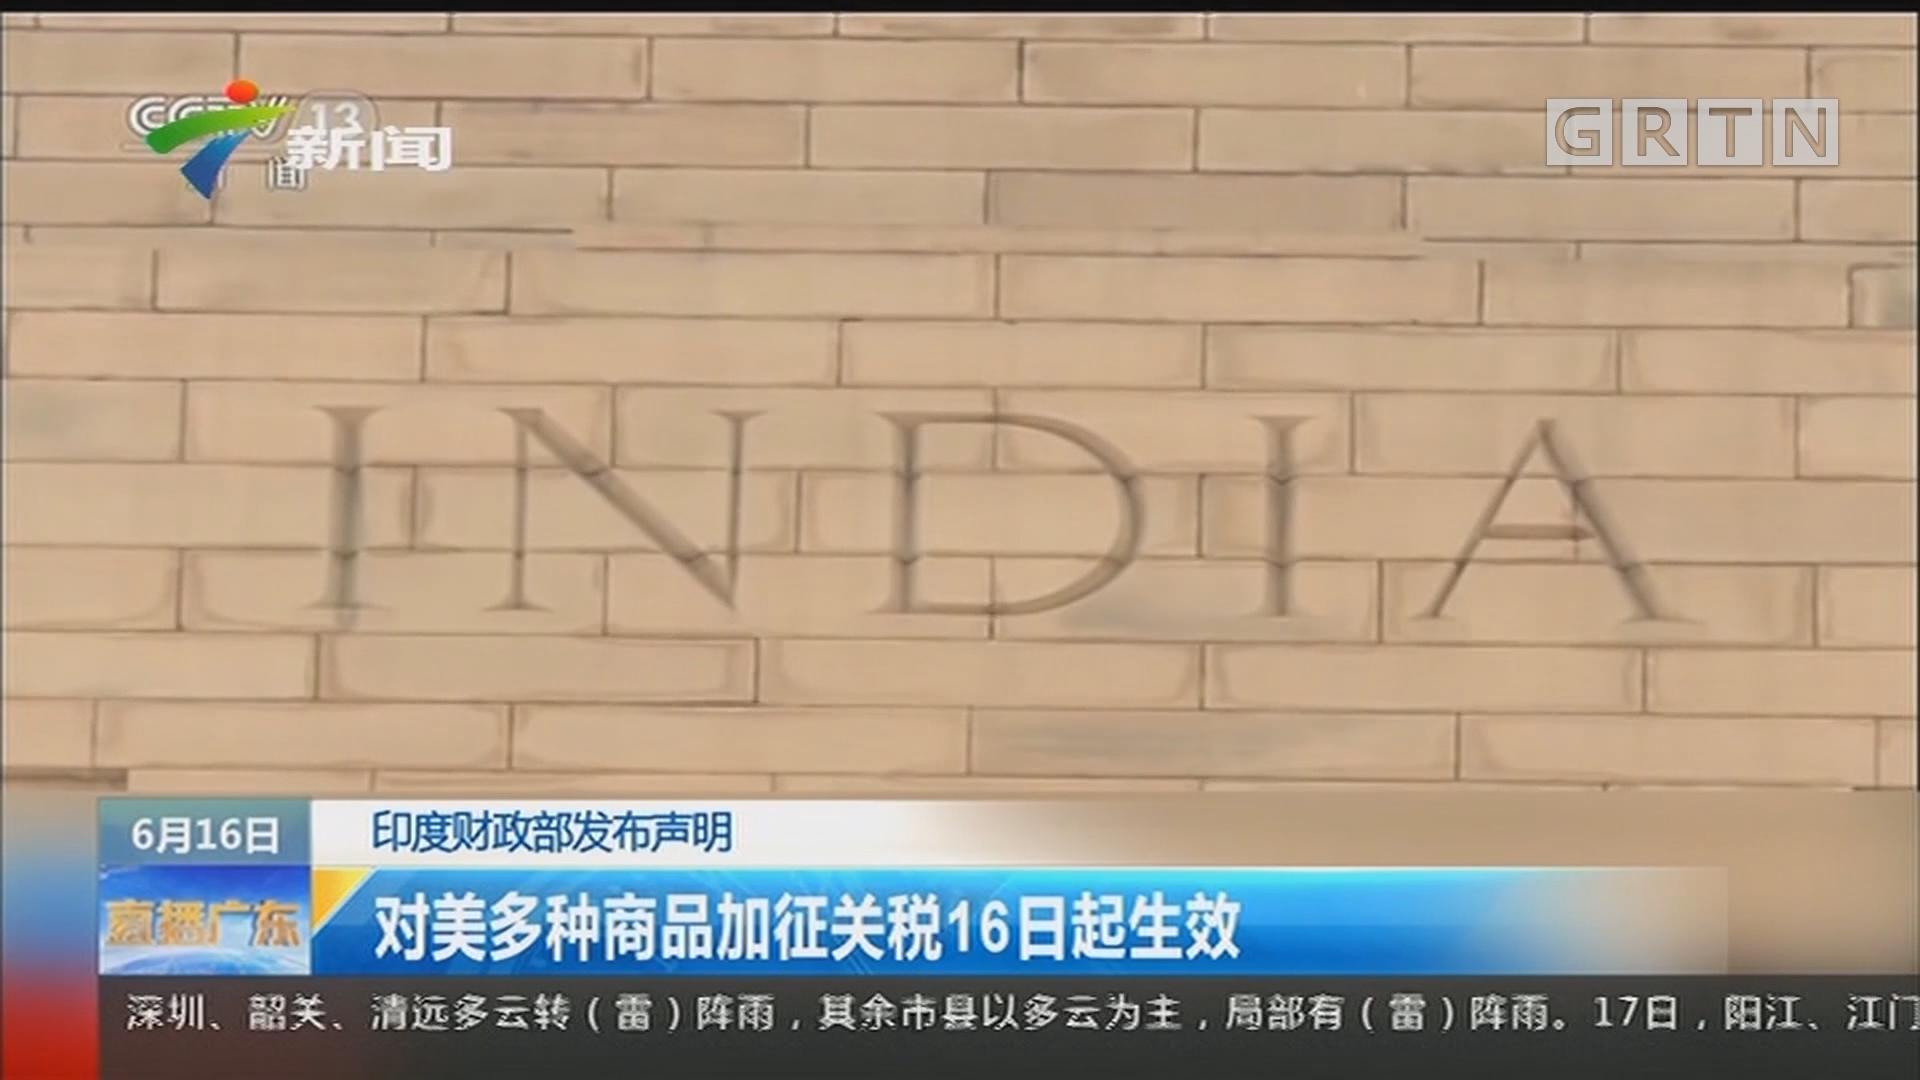 印度财政部发布声明:对美多种商品加征关税16日起生效